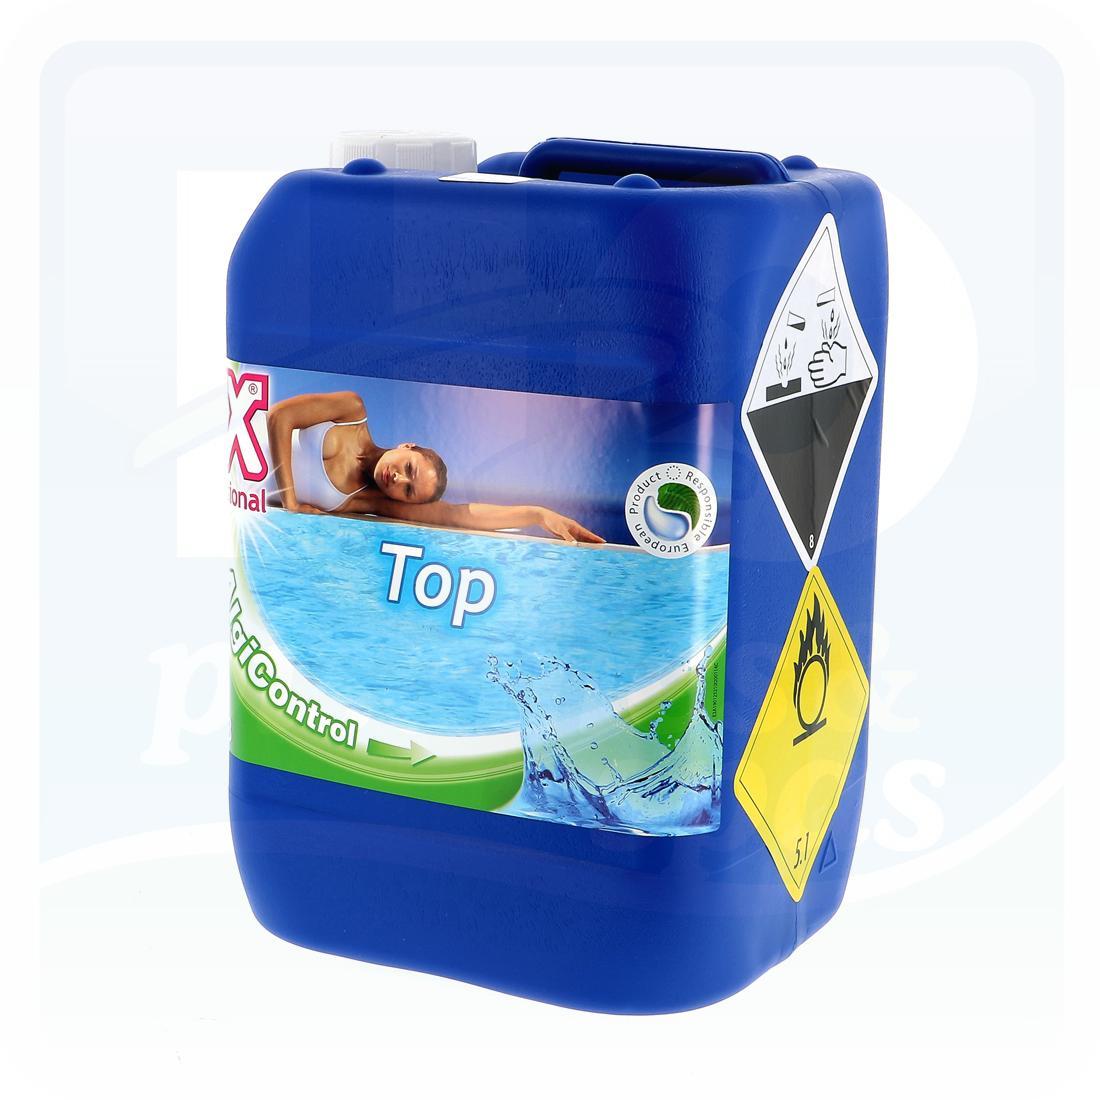 Oxygène Actif 35% Liquide En Bidon De 5 Litres - H2O Piscines & Spas encequiconcerne Dosage Oxygene Actif Piscine